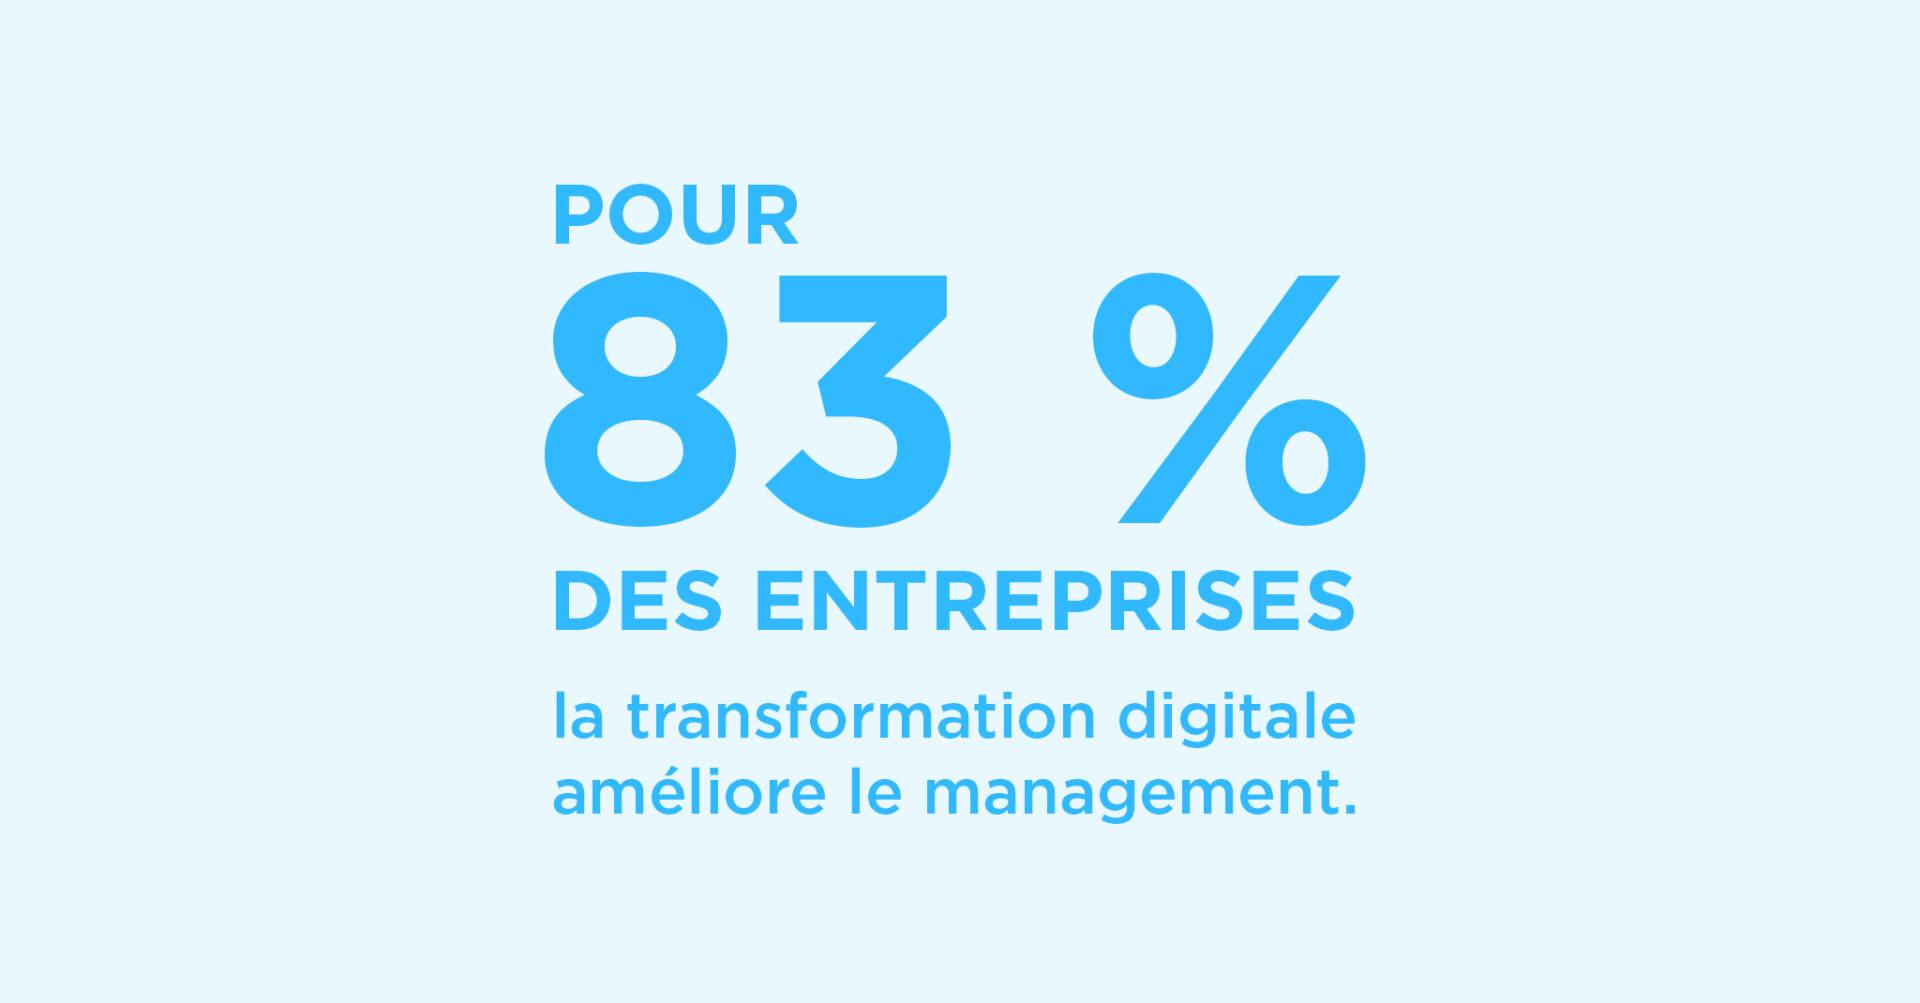 Pour 83% des entreprises, la transformation digitale améliore le management